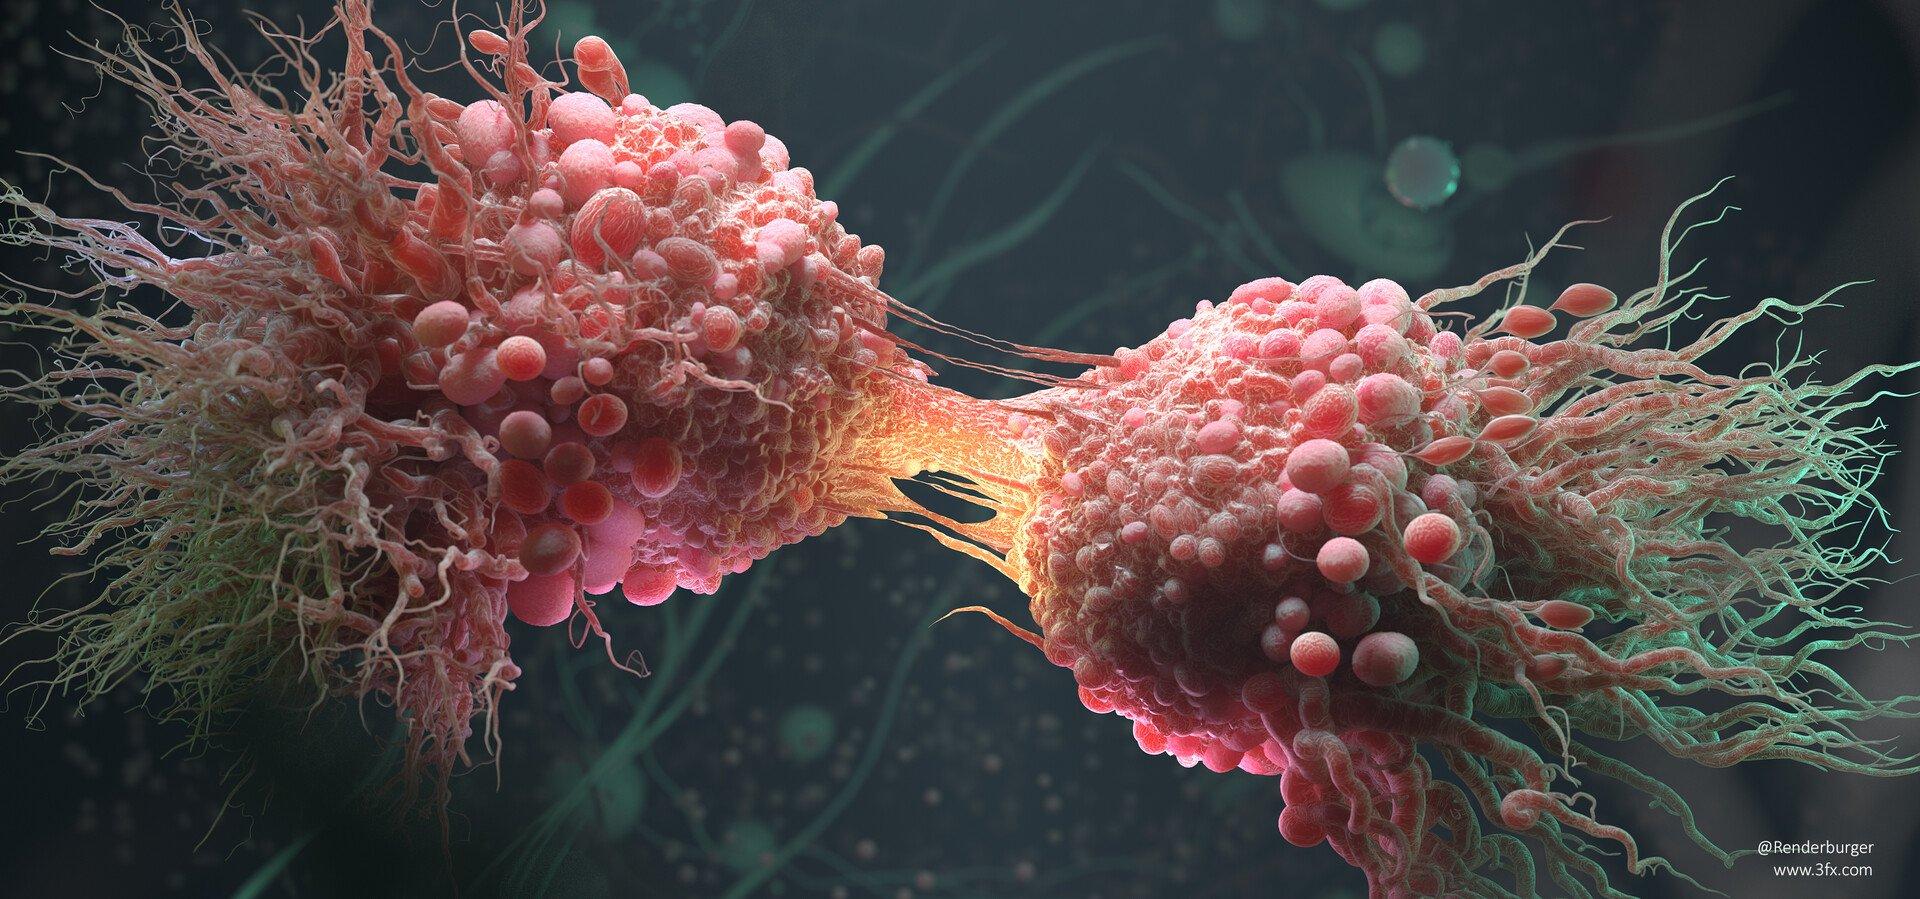 раковые клетки картинки неоднократно приходилось менять